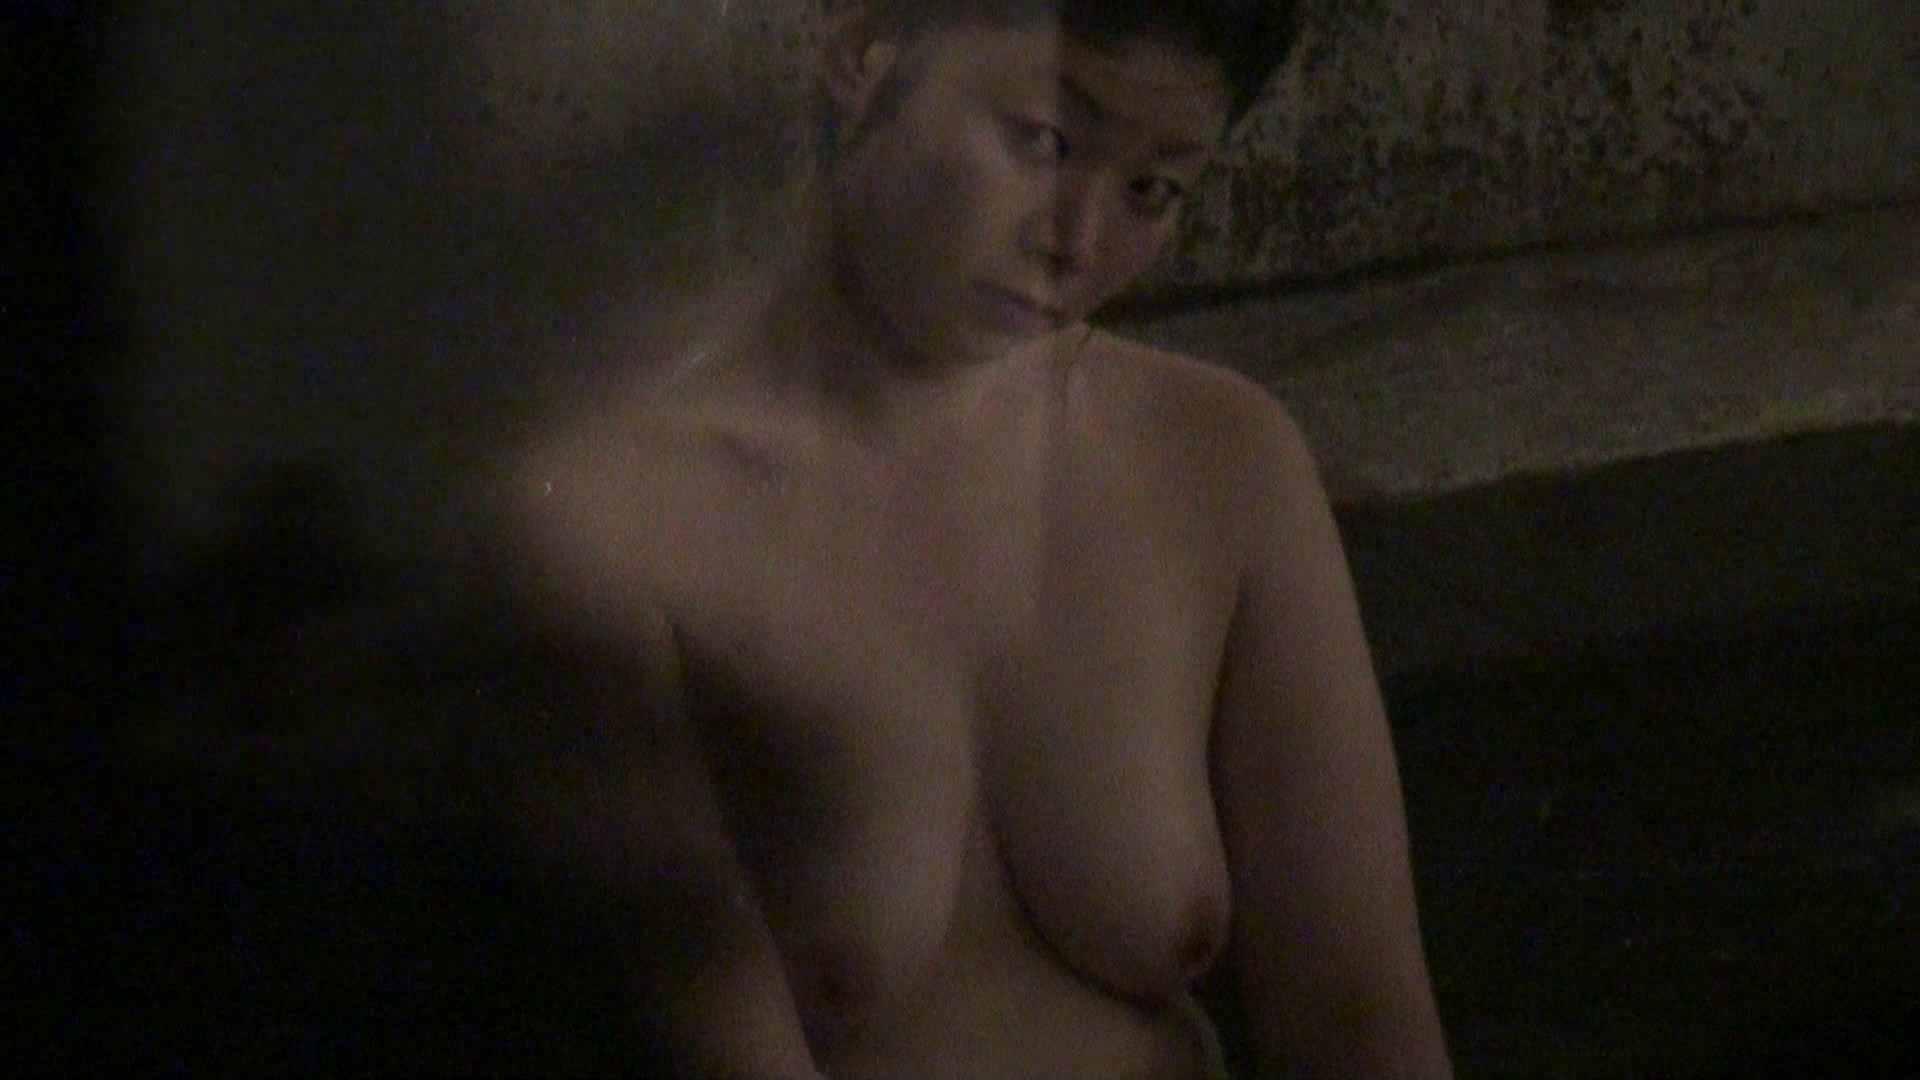 Aquaな露天風呂Vol.337 盗撮師作品 | 美しいOLの裸体  94pic 40